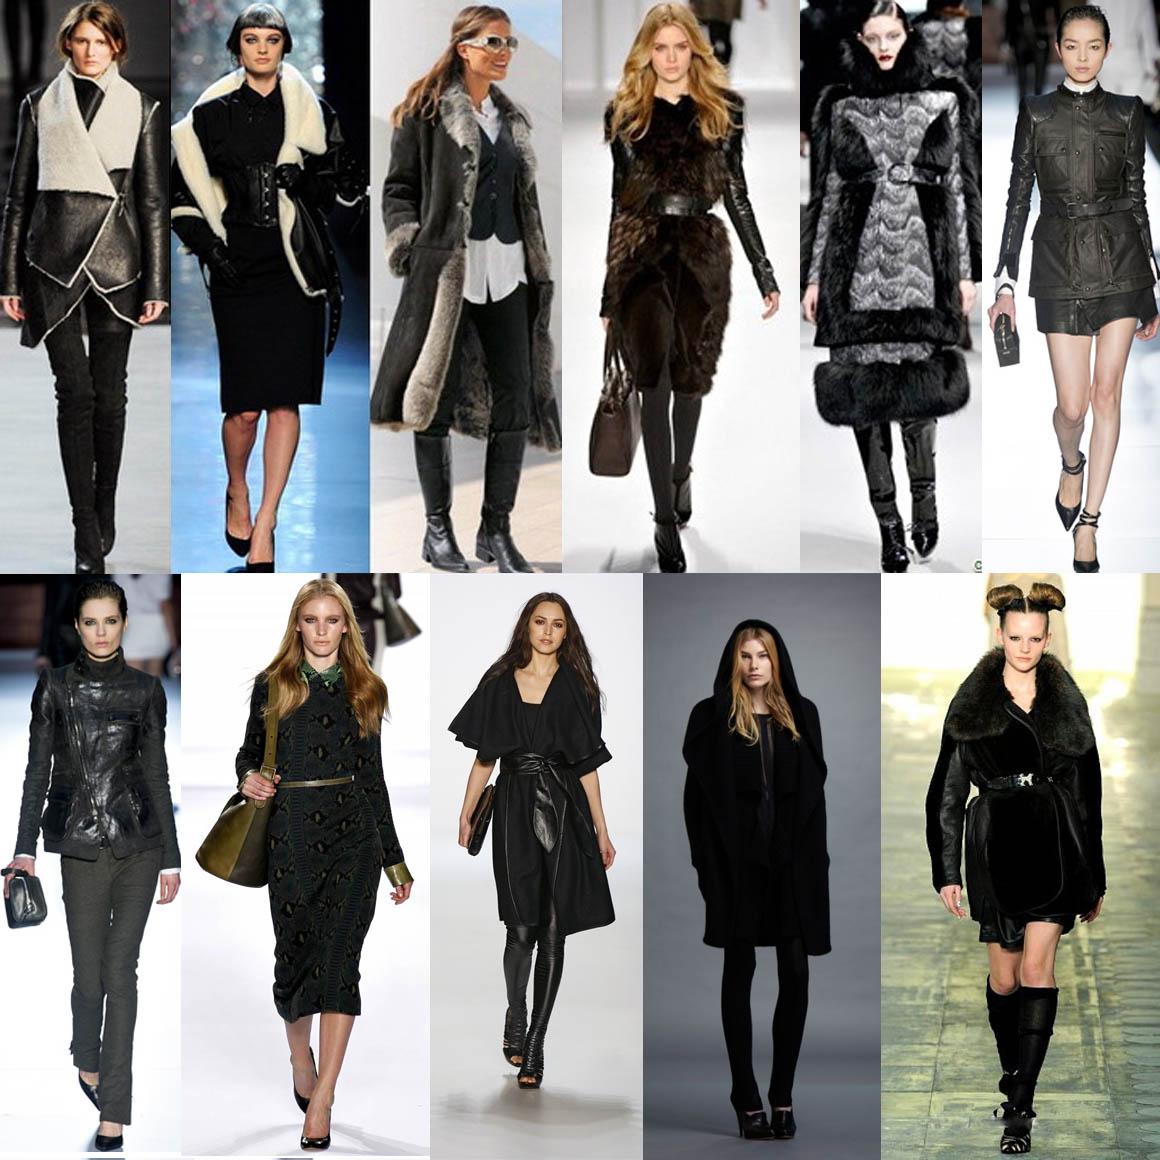 Черные цвета зимней одежды всегда в моде